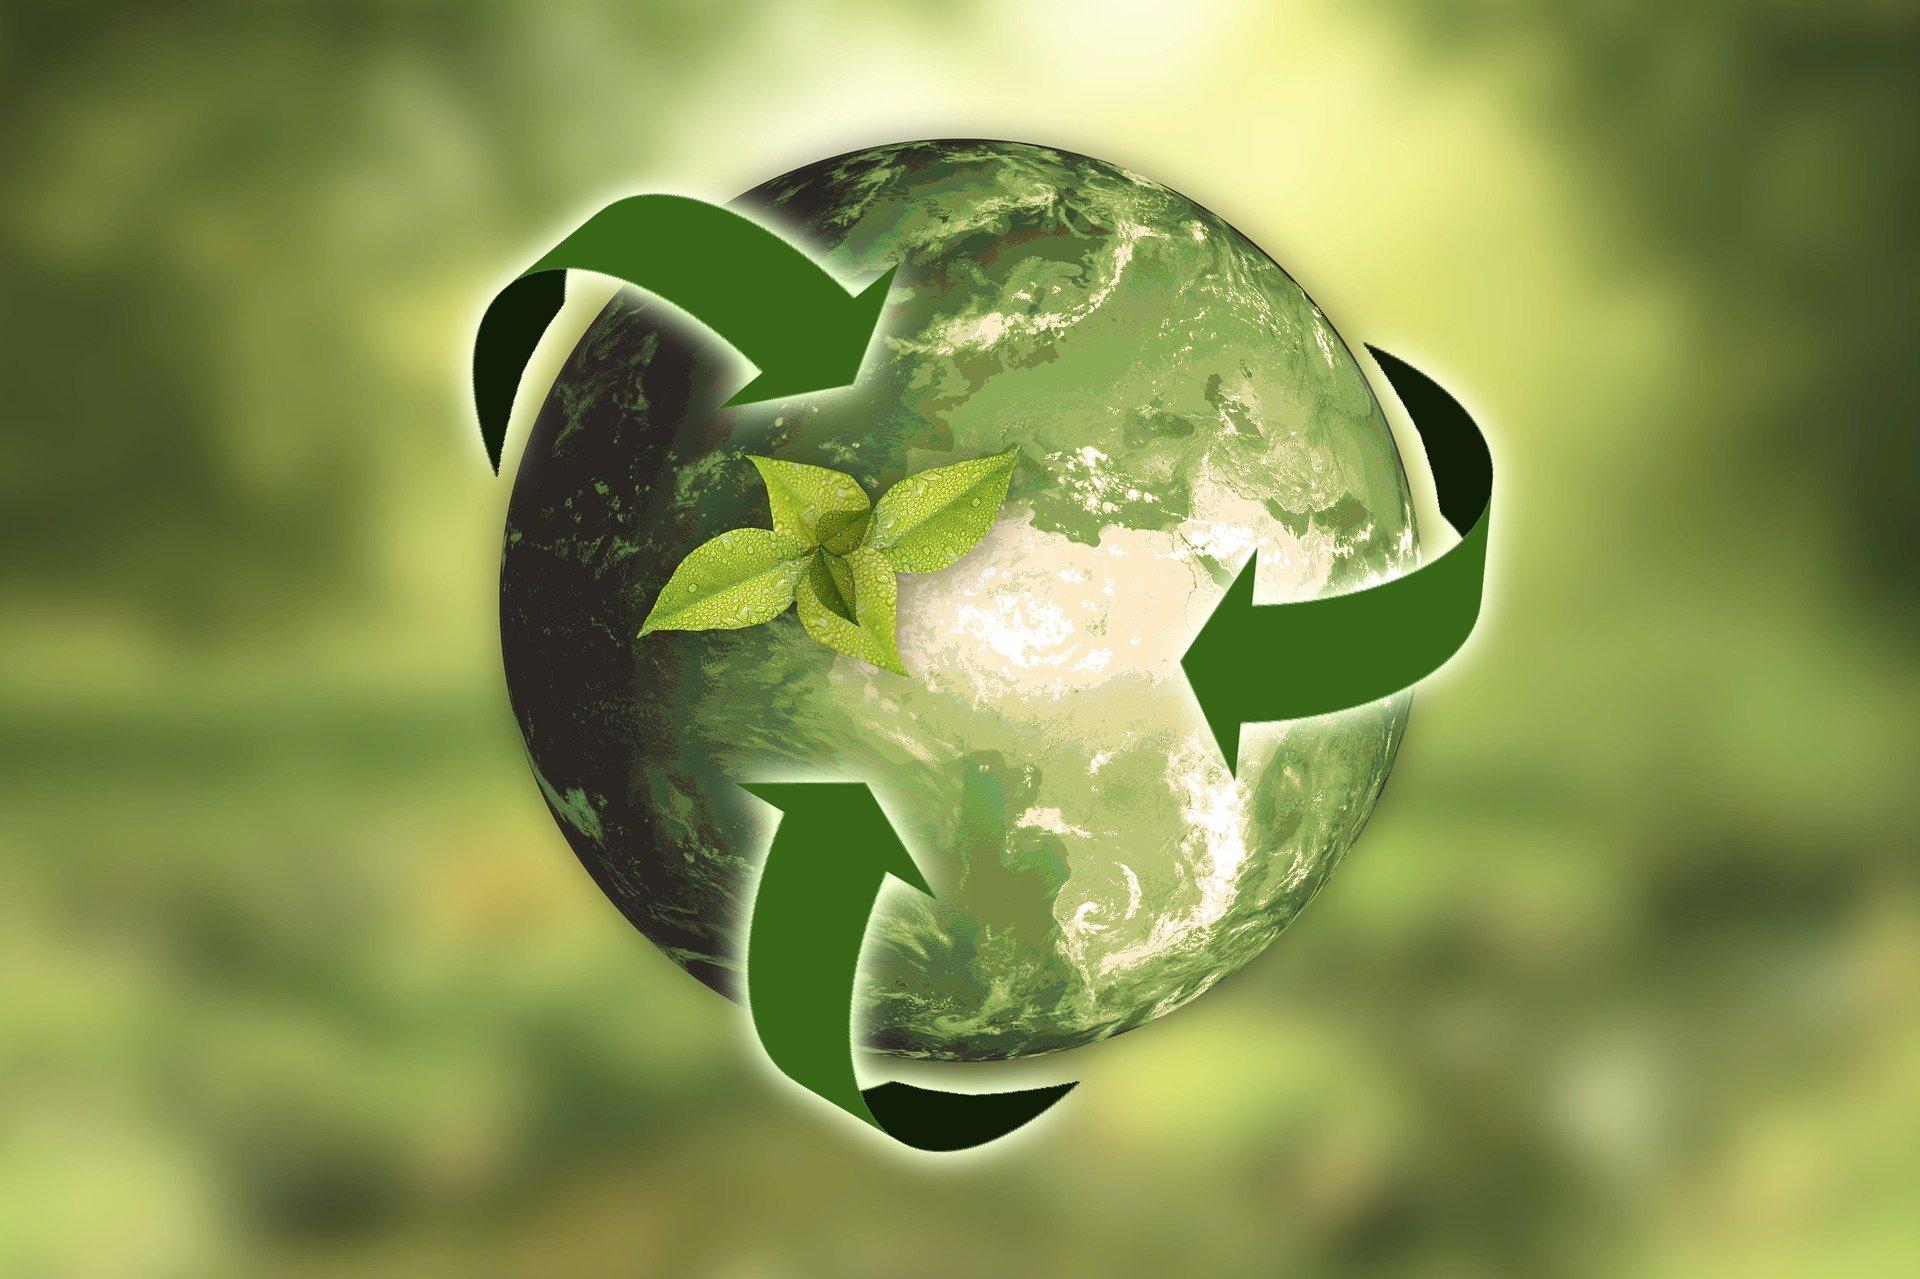 reciclar y relucir la tierra